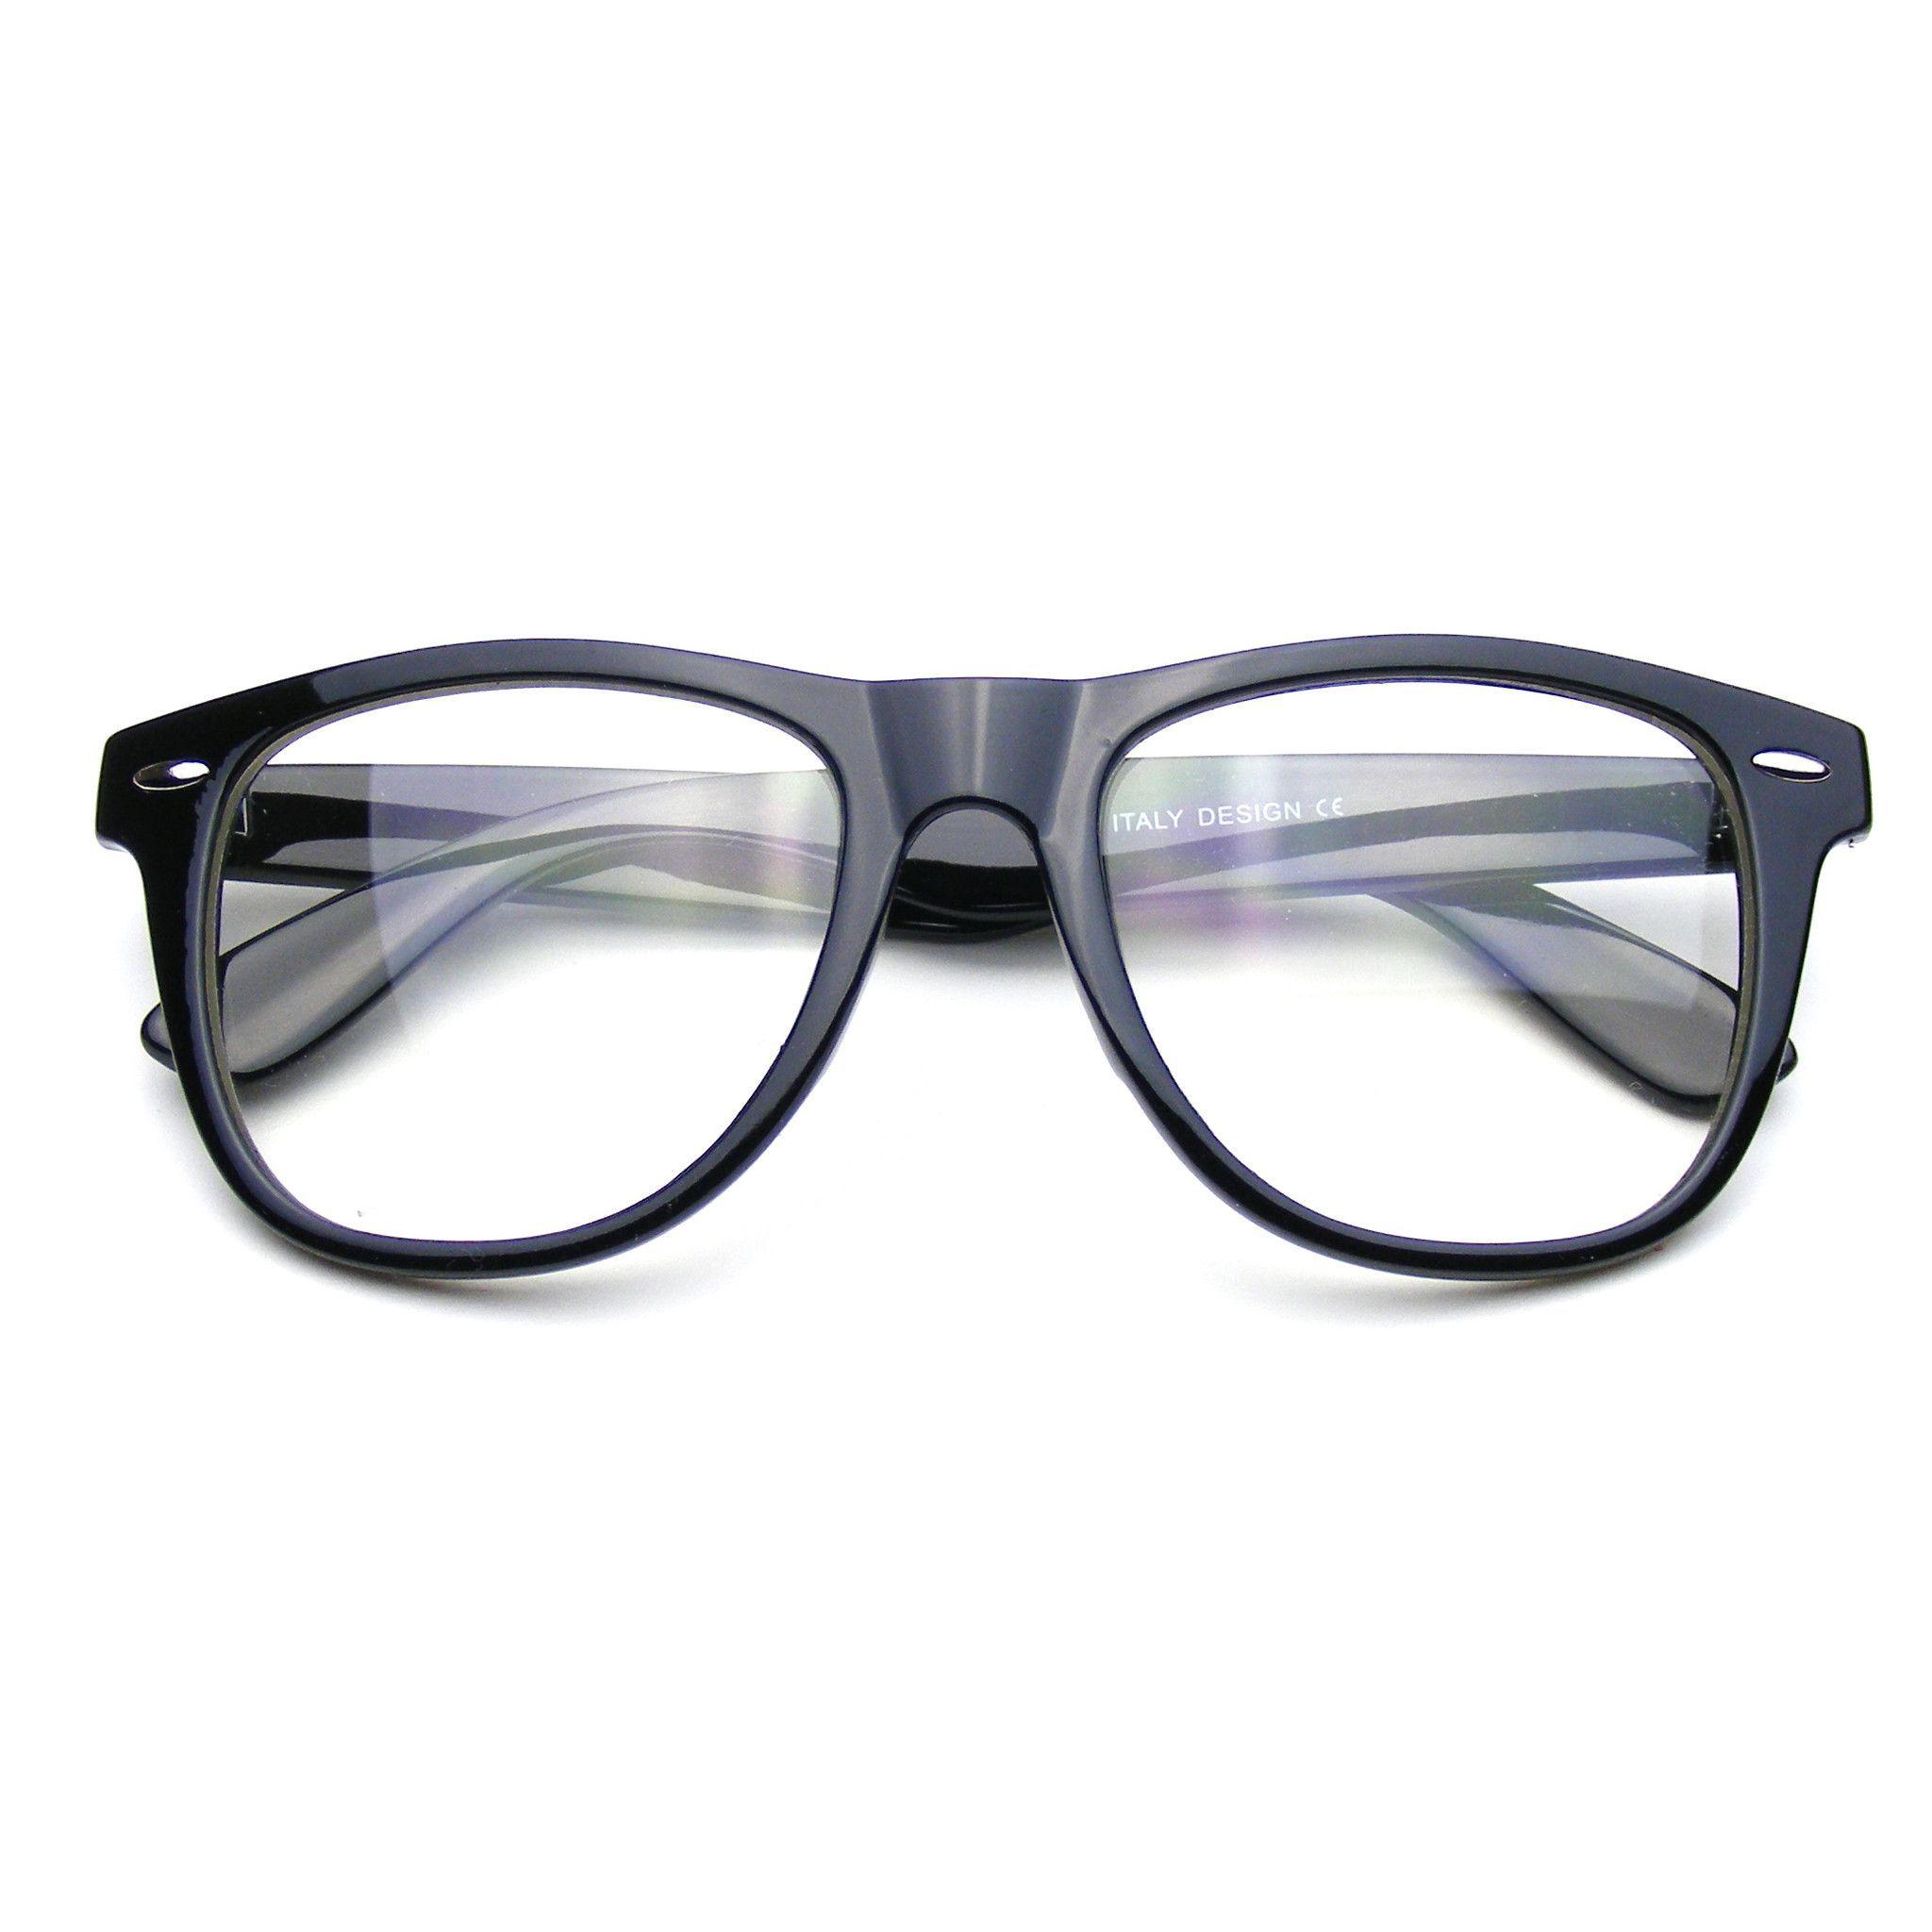 Nerd Black Glasses Clear Lens Clear Horned Rim Sunglasses | Pinterest